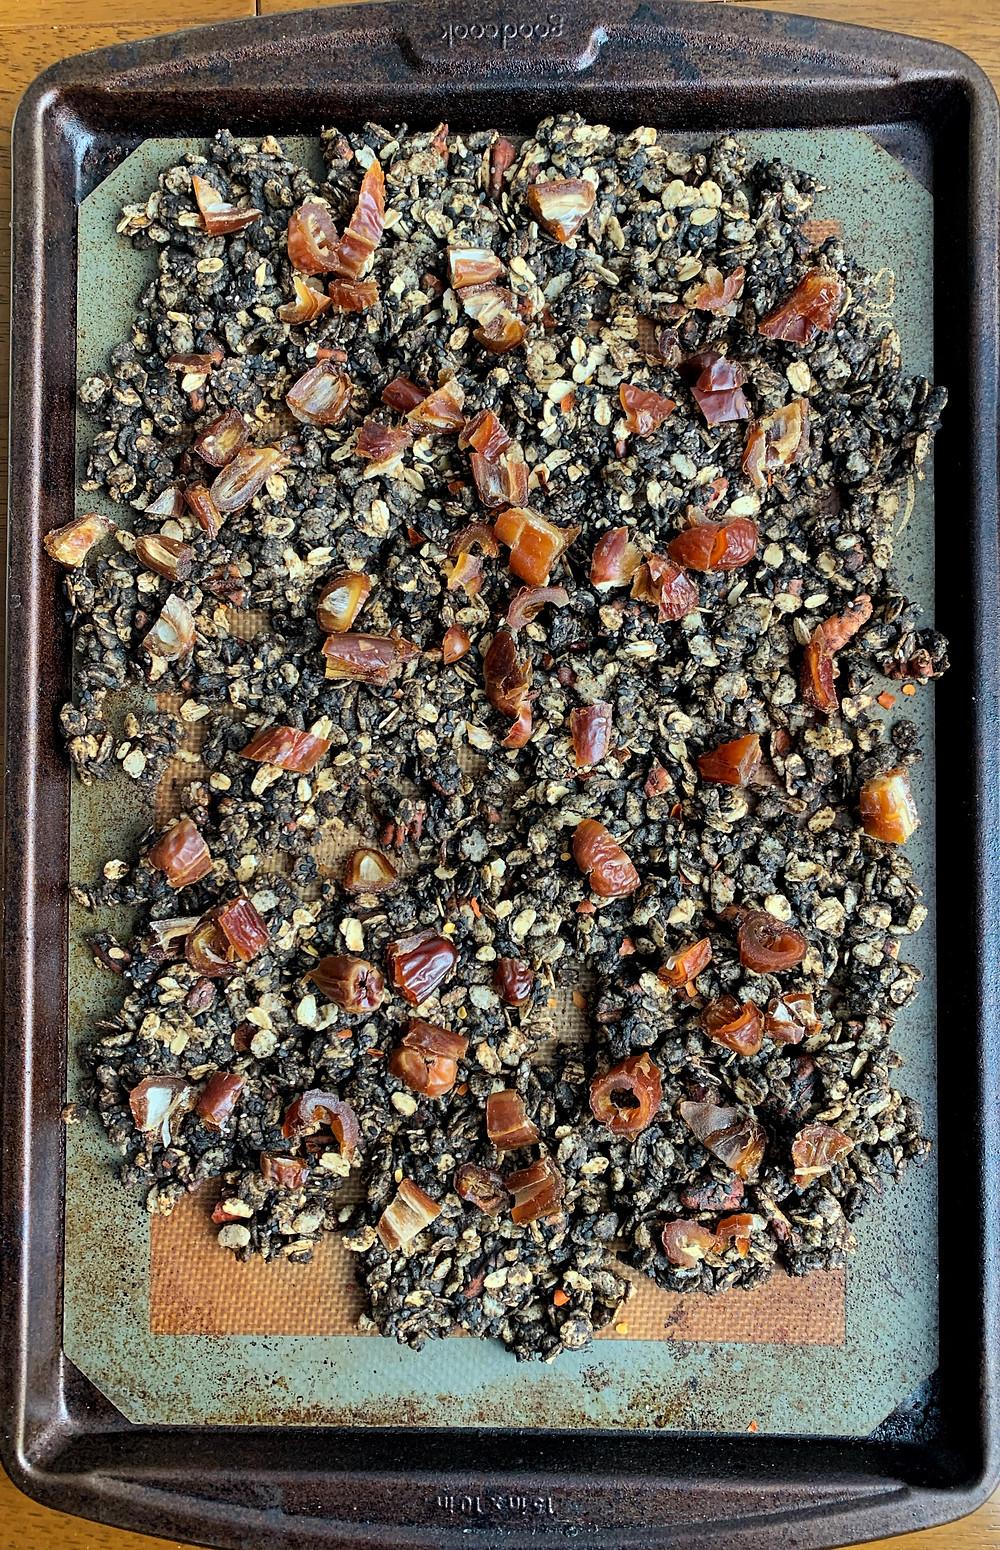 Black Sesame Granola